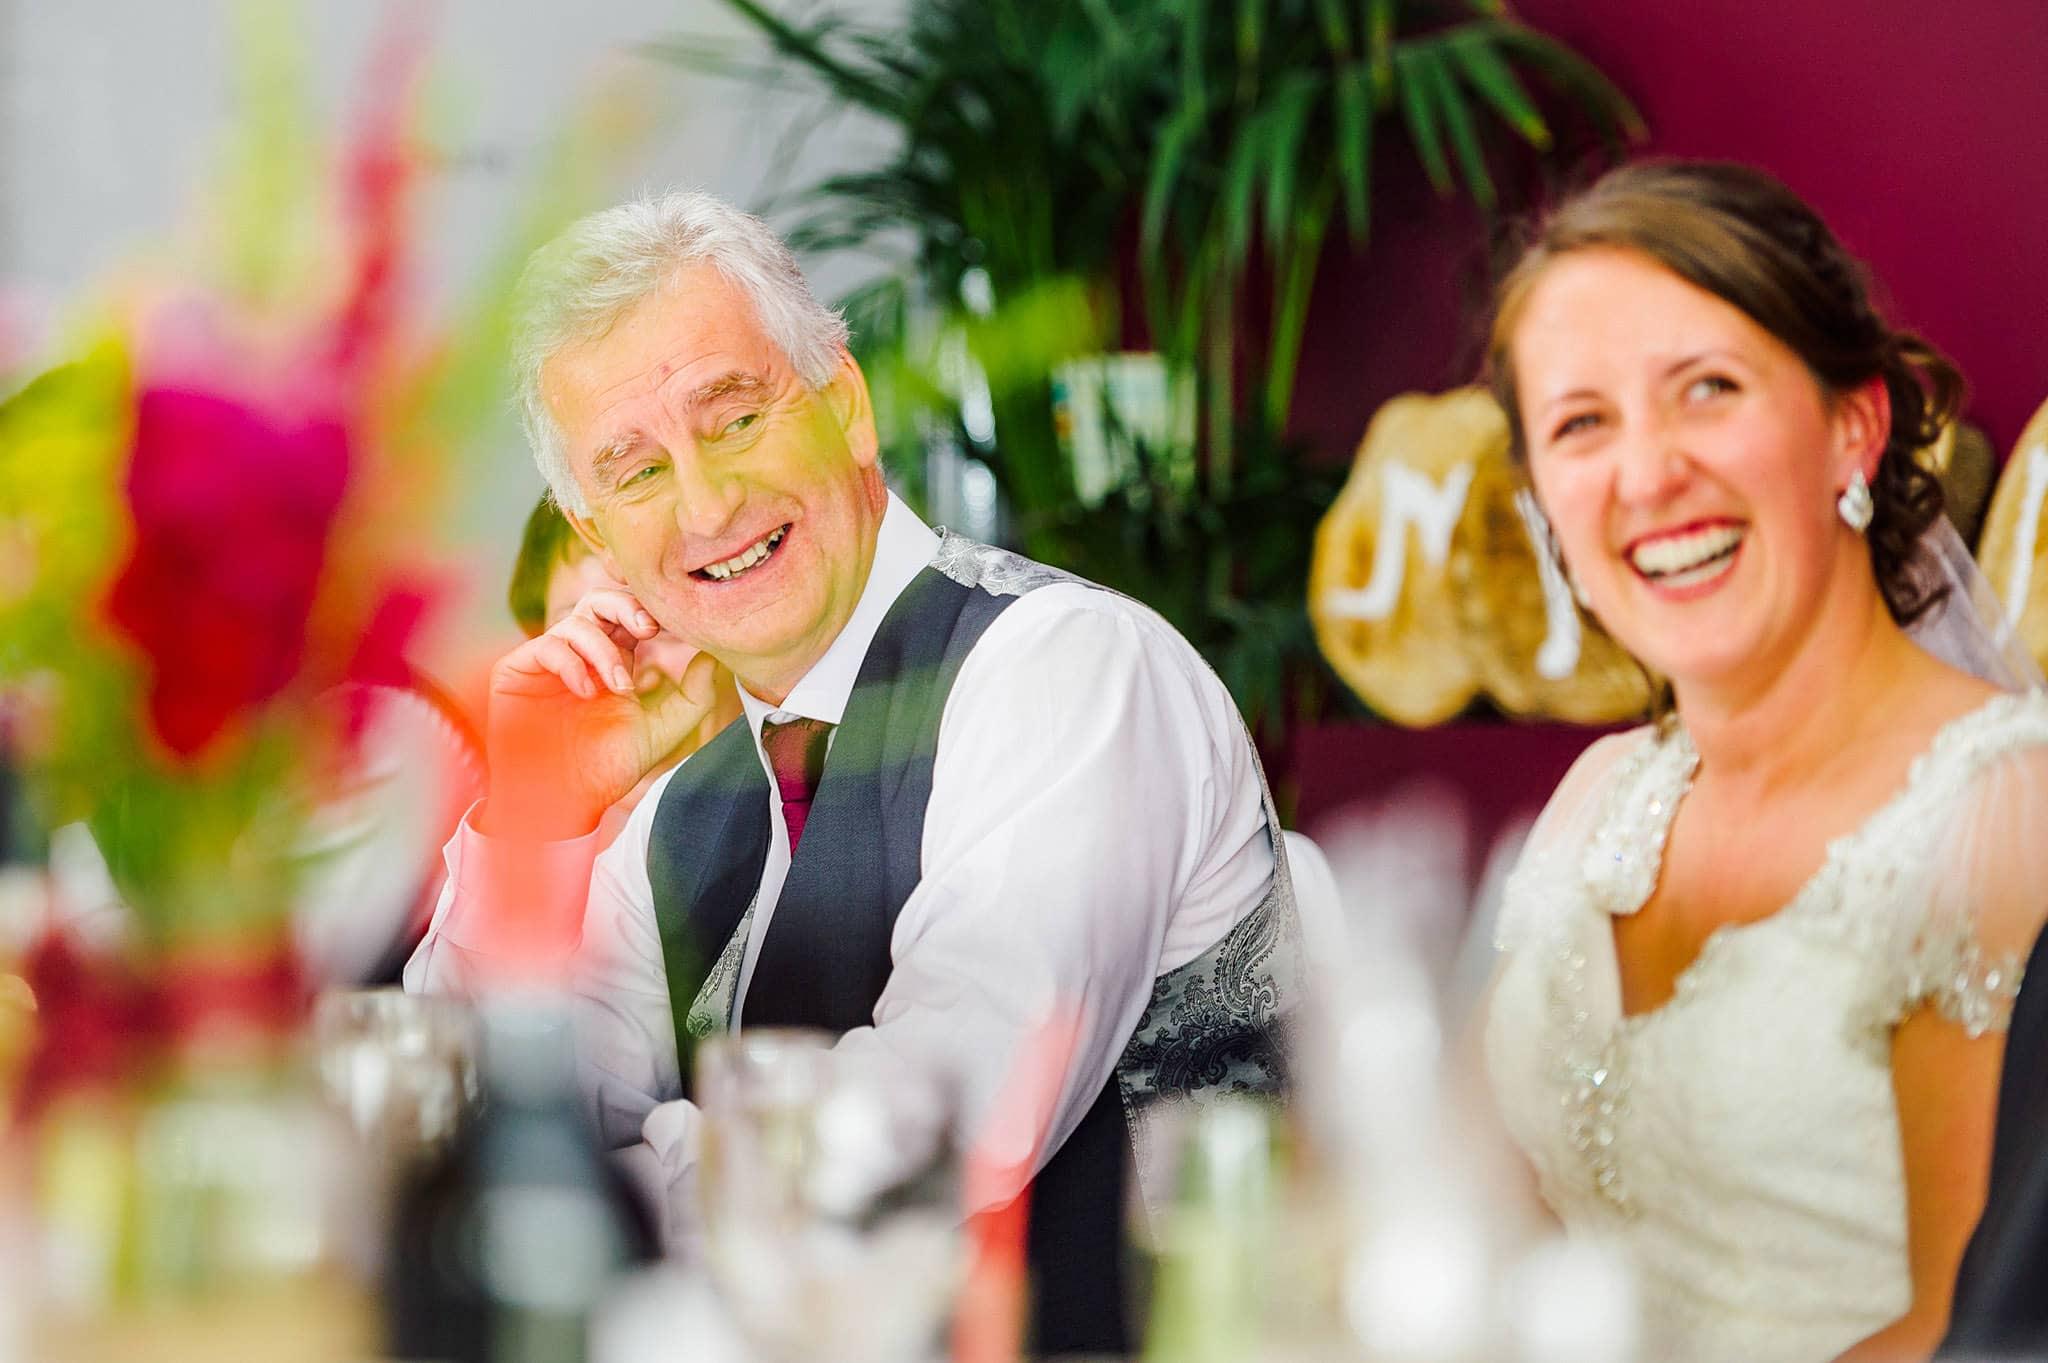 wedding-photographer-aberystwyth-wales (209b) (2)